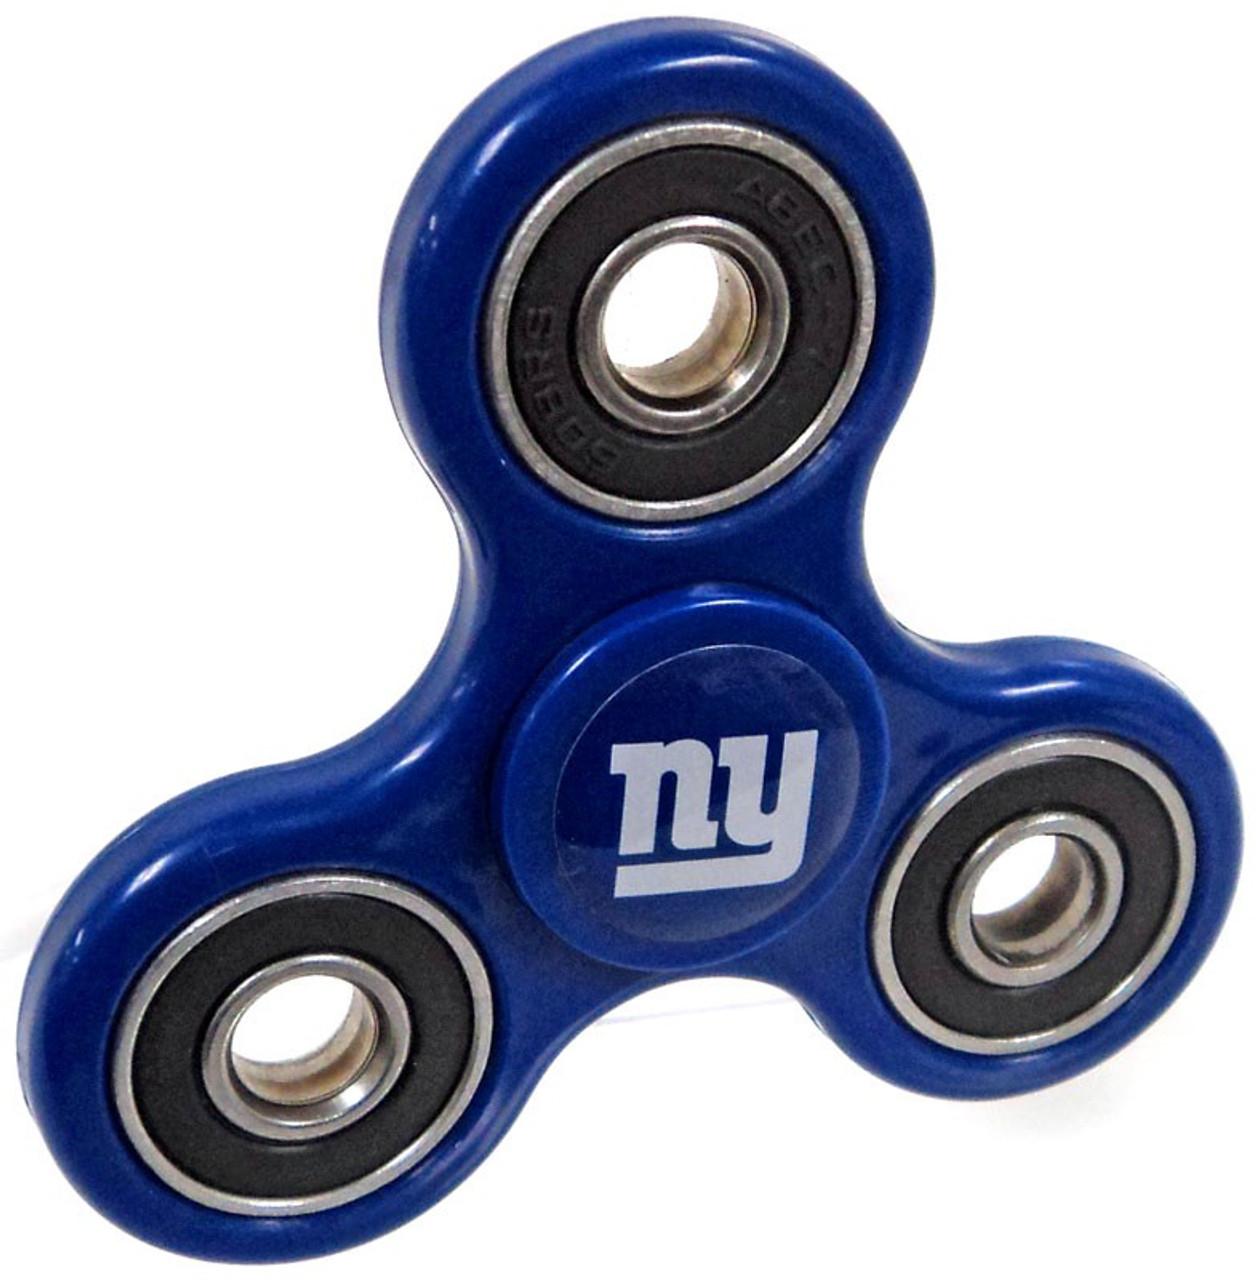 NFL NY Giants Three Way Fidget Hand Spinner In Stock